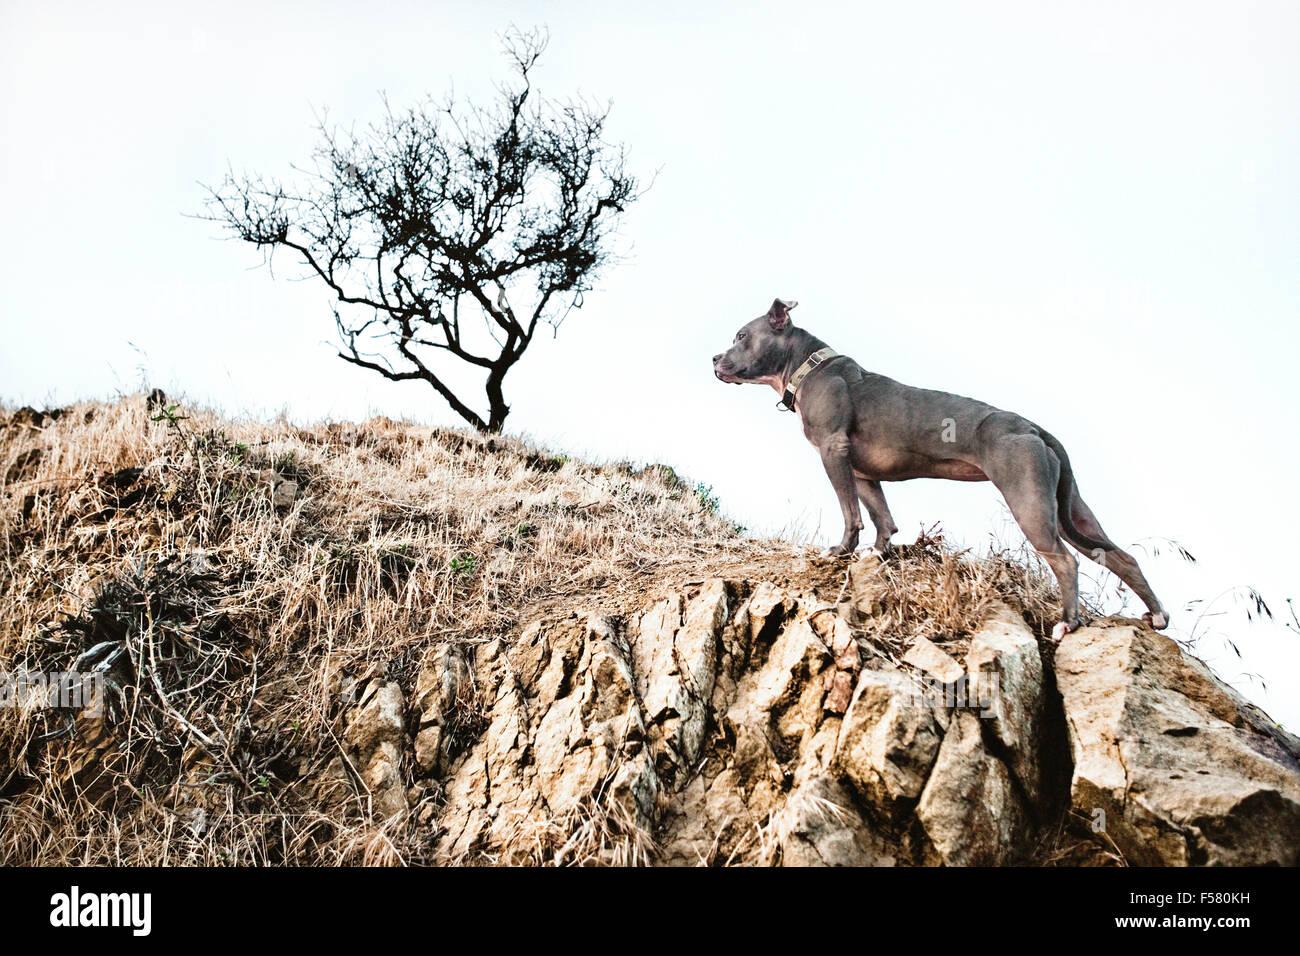 La postura heroica de un perro subir una ladera rocosa seca con un solitario árbol estéril en segundo Imagen De Stock